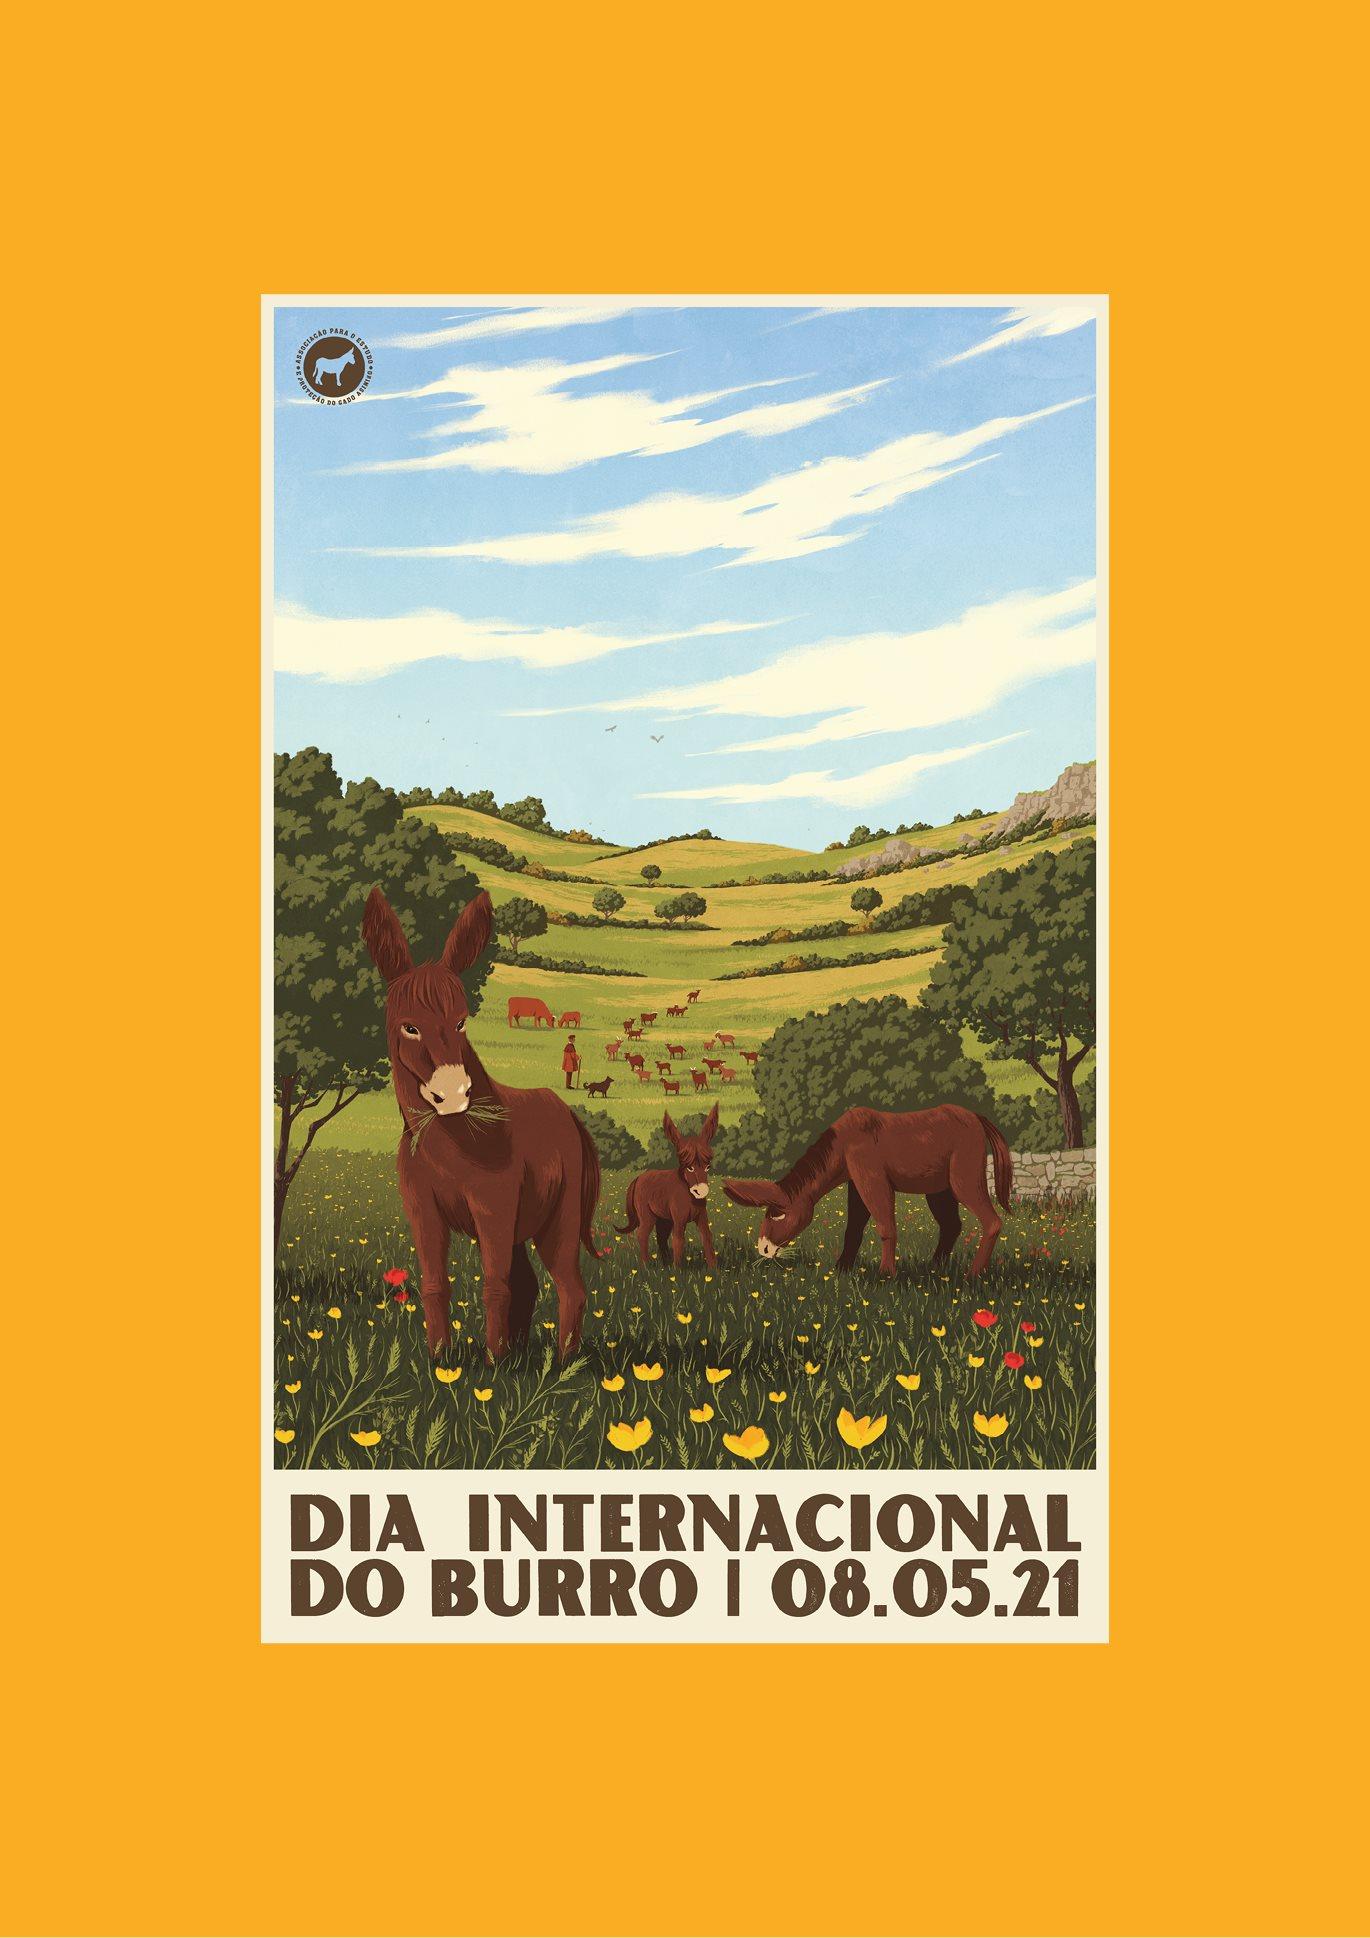 8 de Maio: Dia Internacional do Burro